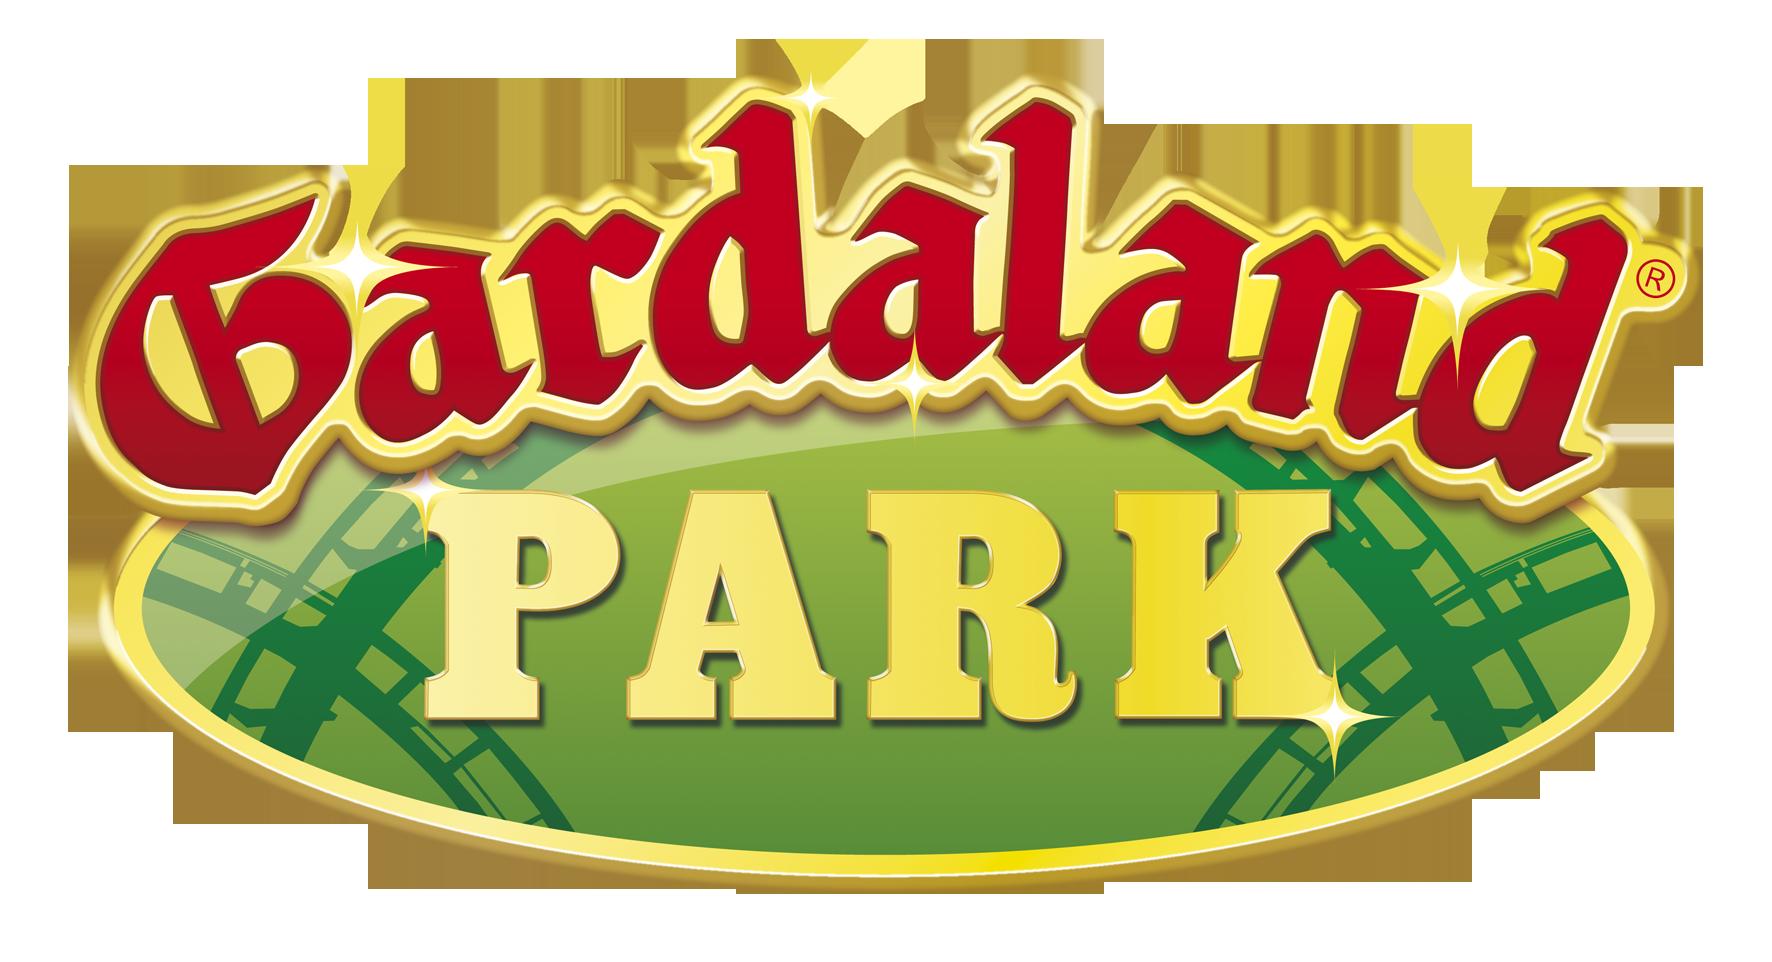 gardaland park logo a aw